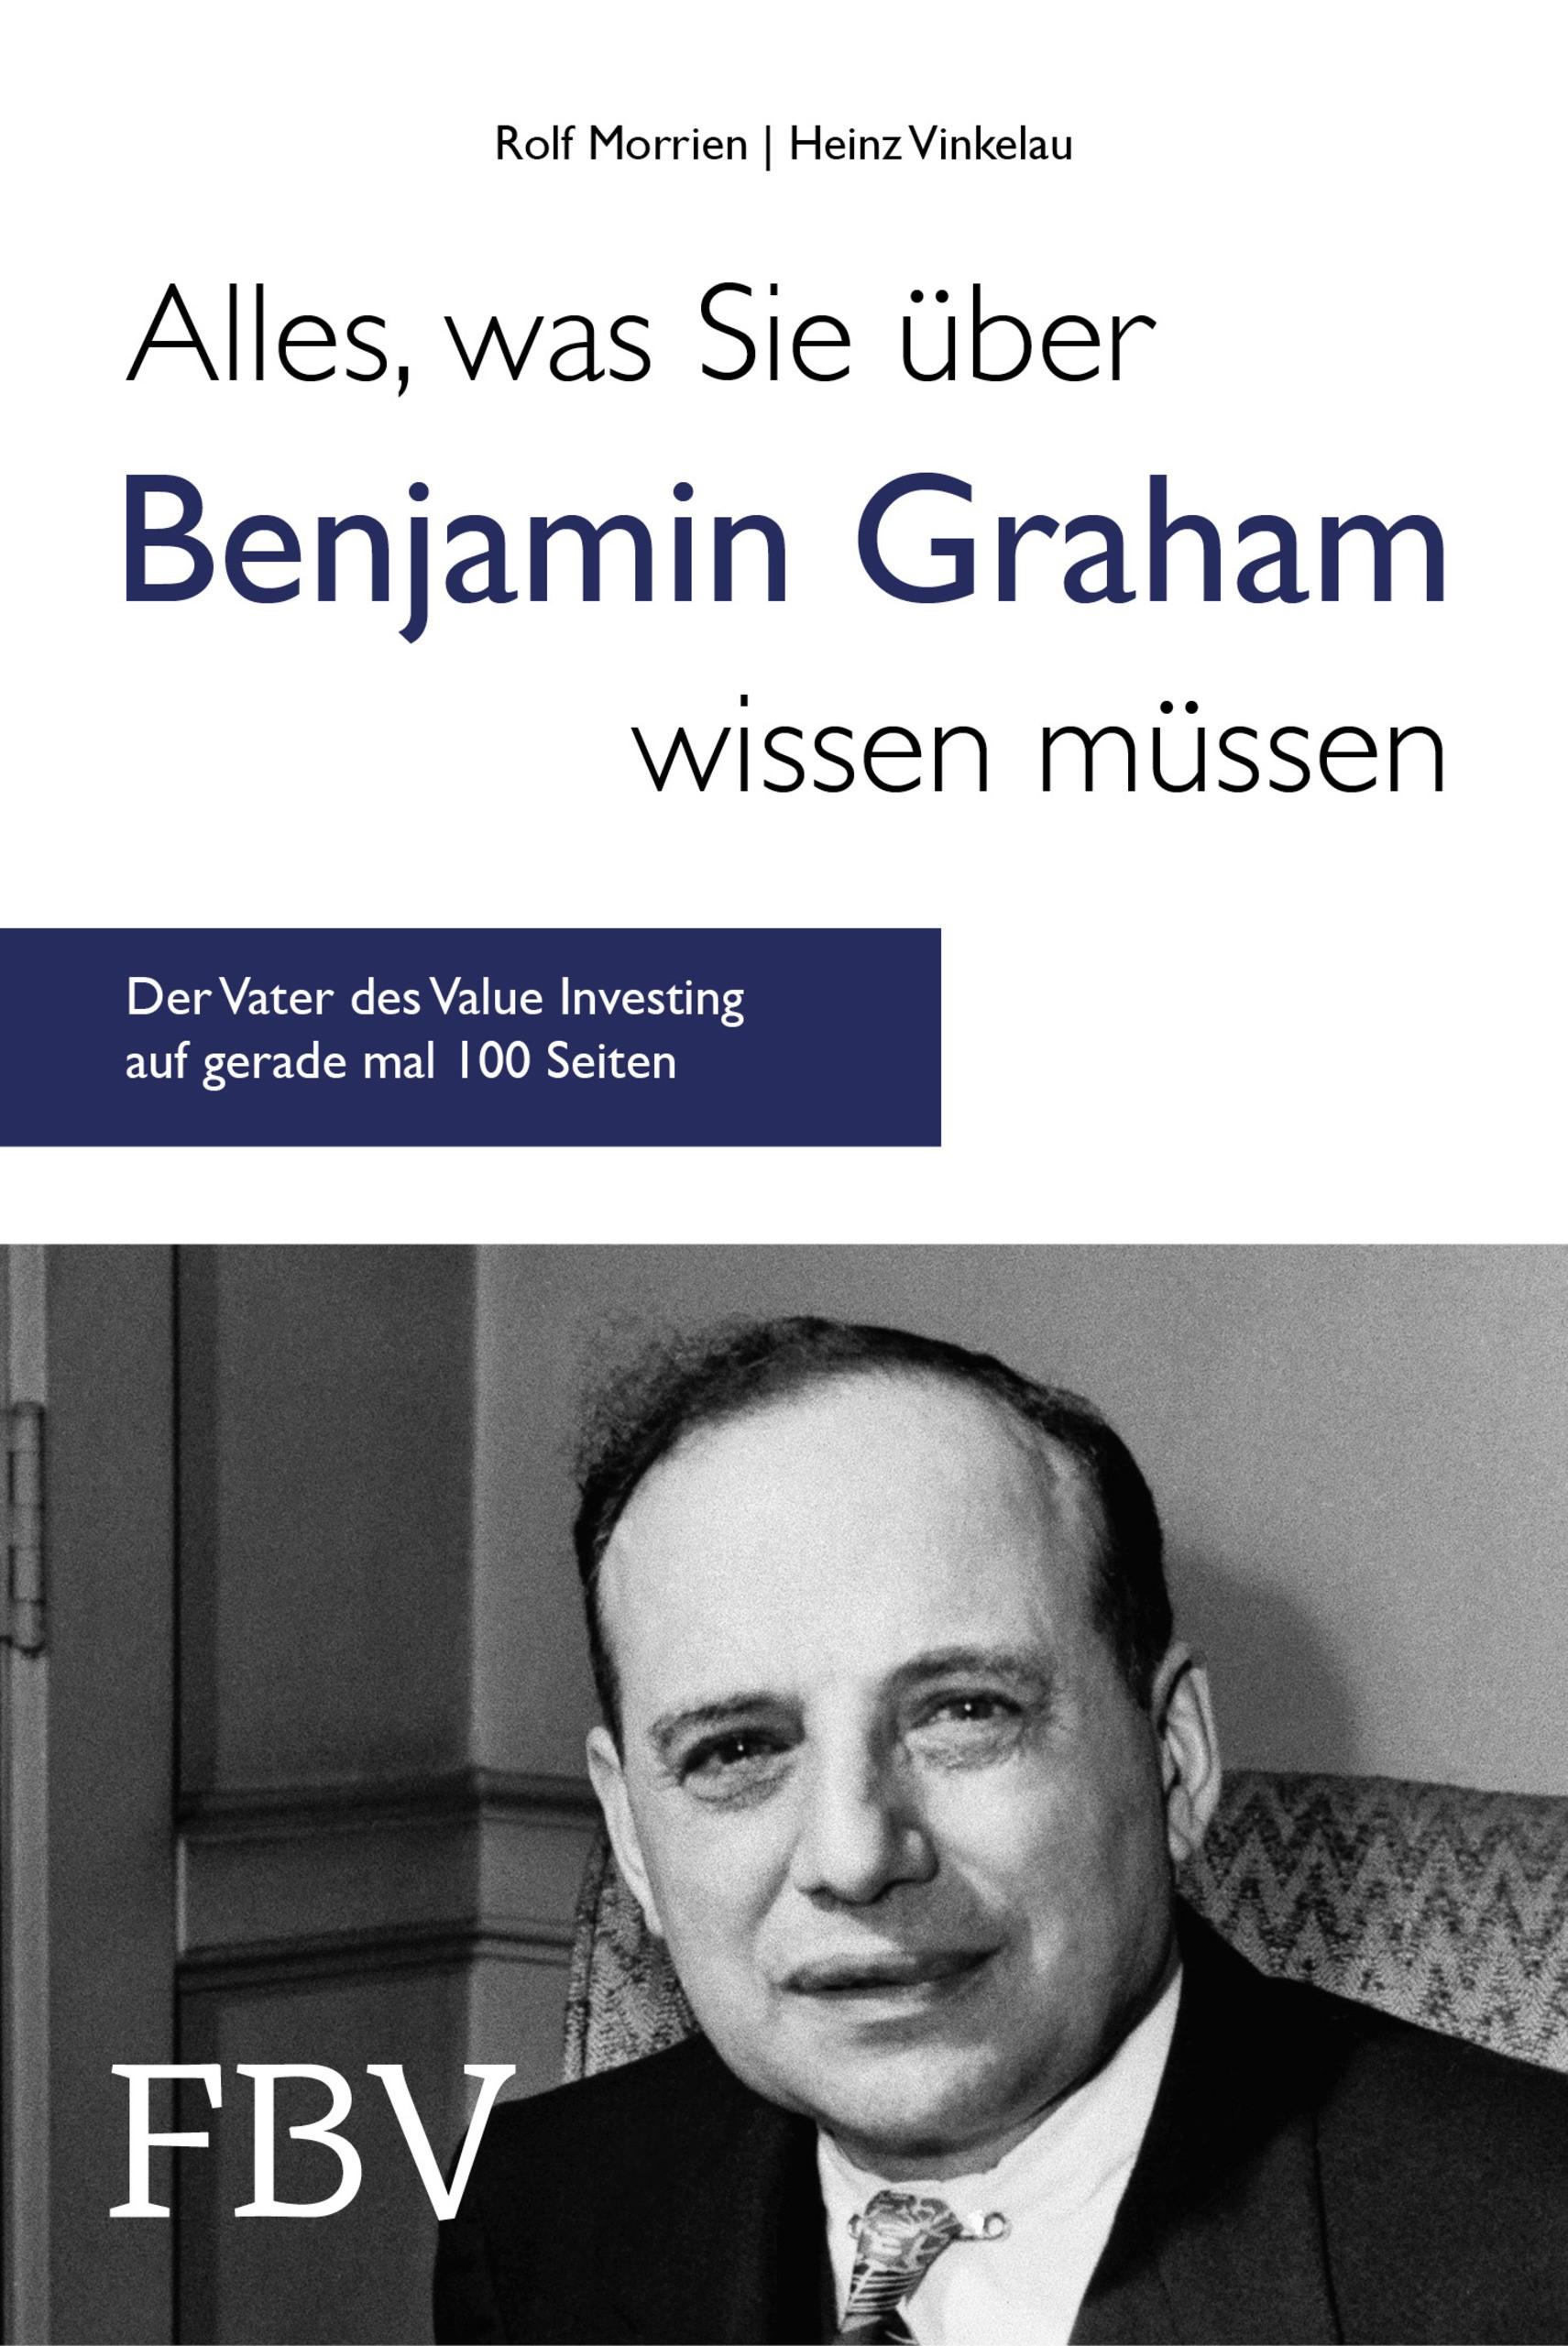 Alles, was Sie über Benjamin Graham wissen müssen | Morrien / Vinkelau, 2018 | Buch (Cover)